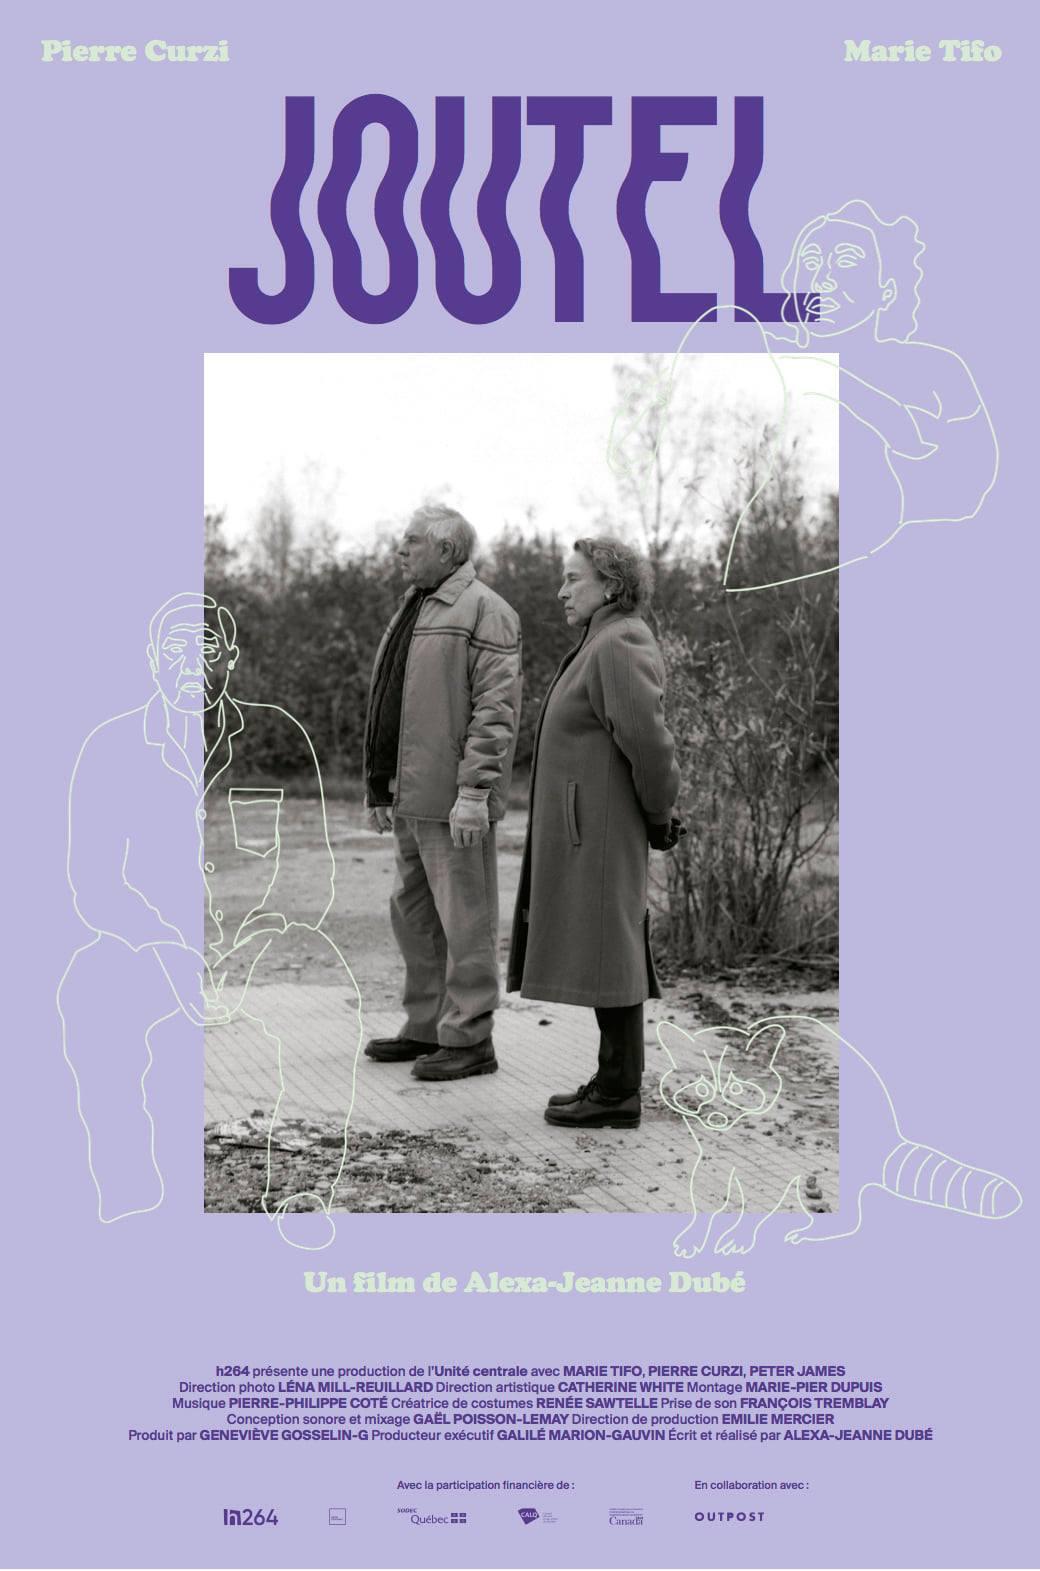 Affiche / Joutel - Un film de Alexa-Jeanne Dubé